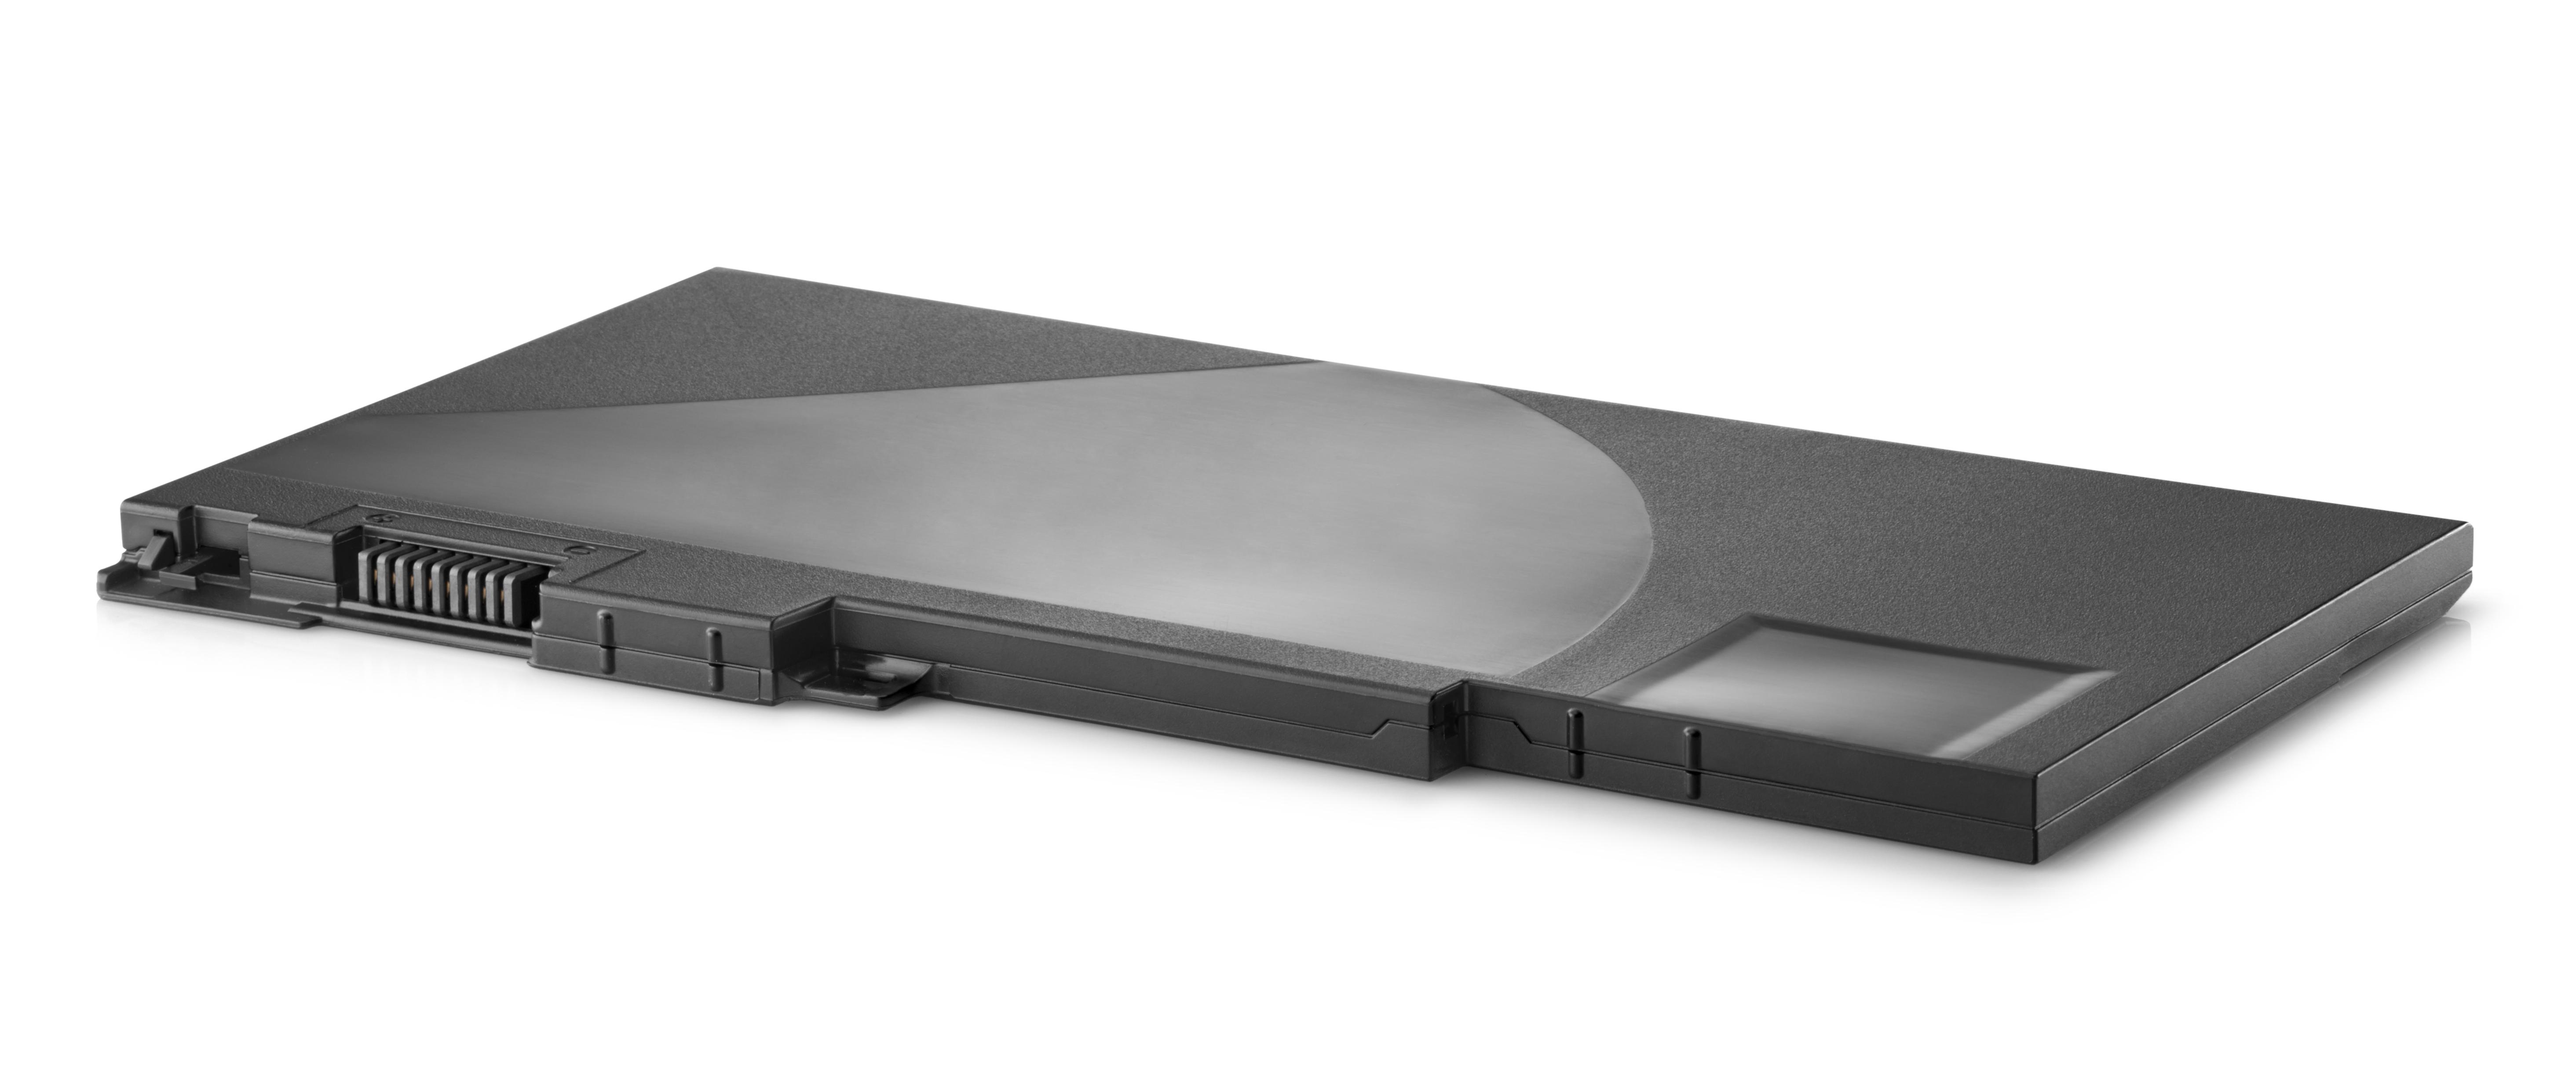 HP CM03XL - Laptop-Batterie (Long Life) - 1 x Lithium-Polymer 3 Zellen 4504 mAh